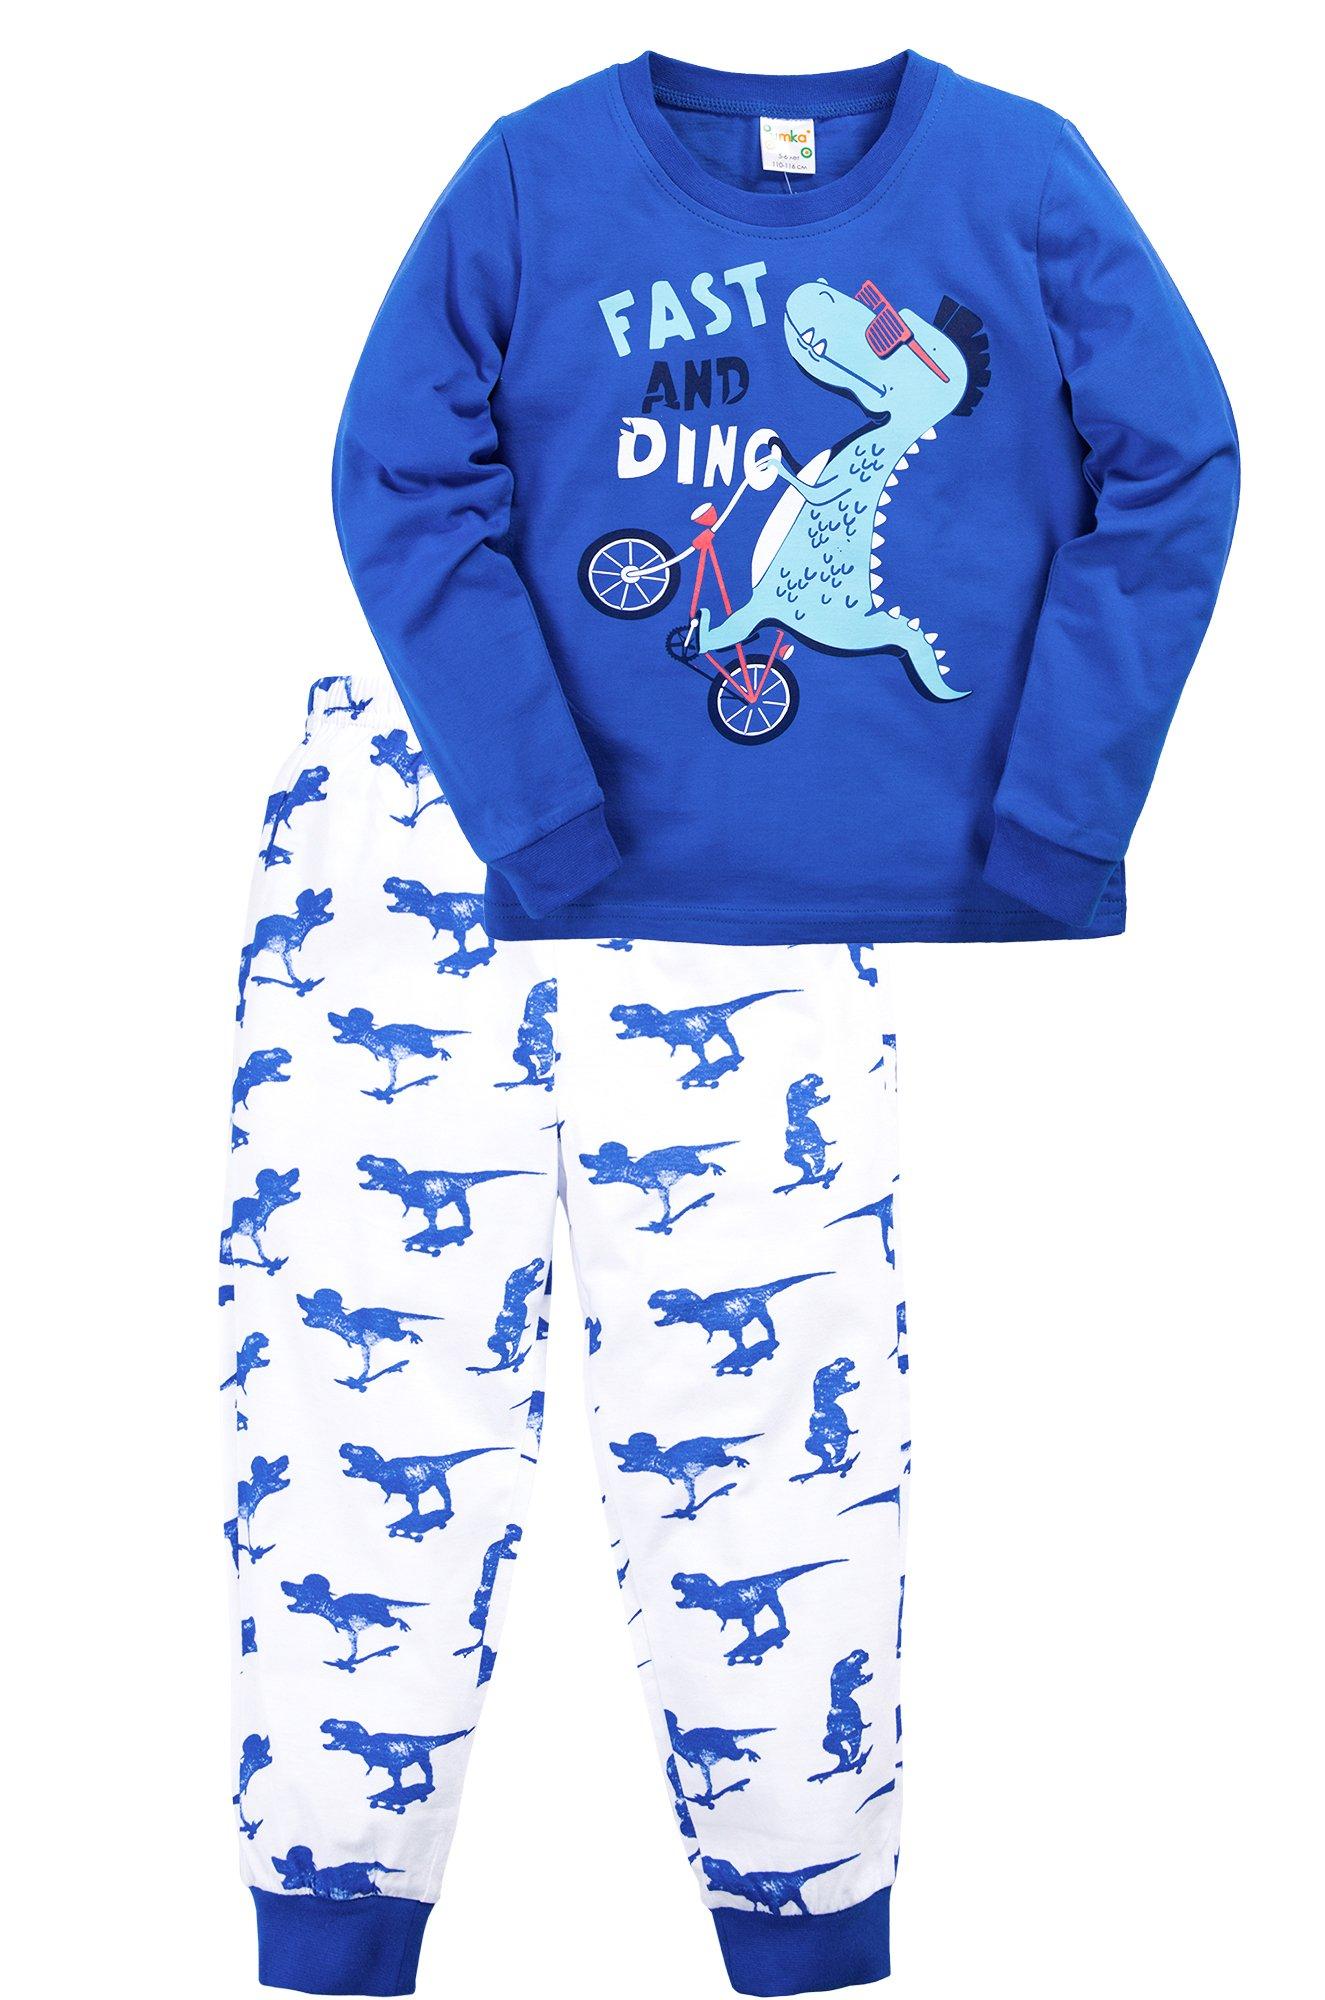 Пижама для мальчика Umka купить оптом в интернет-магазине Happywear.ru 5f172c6ee2926